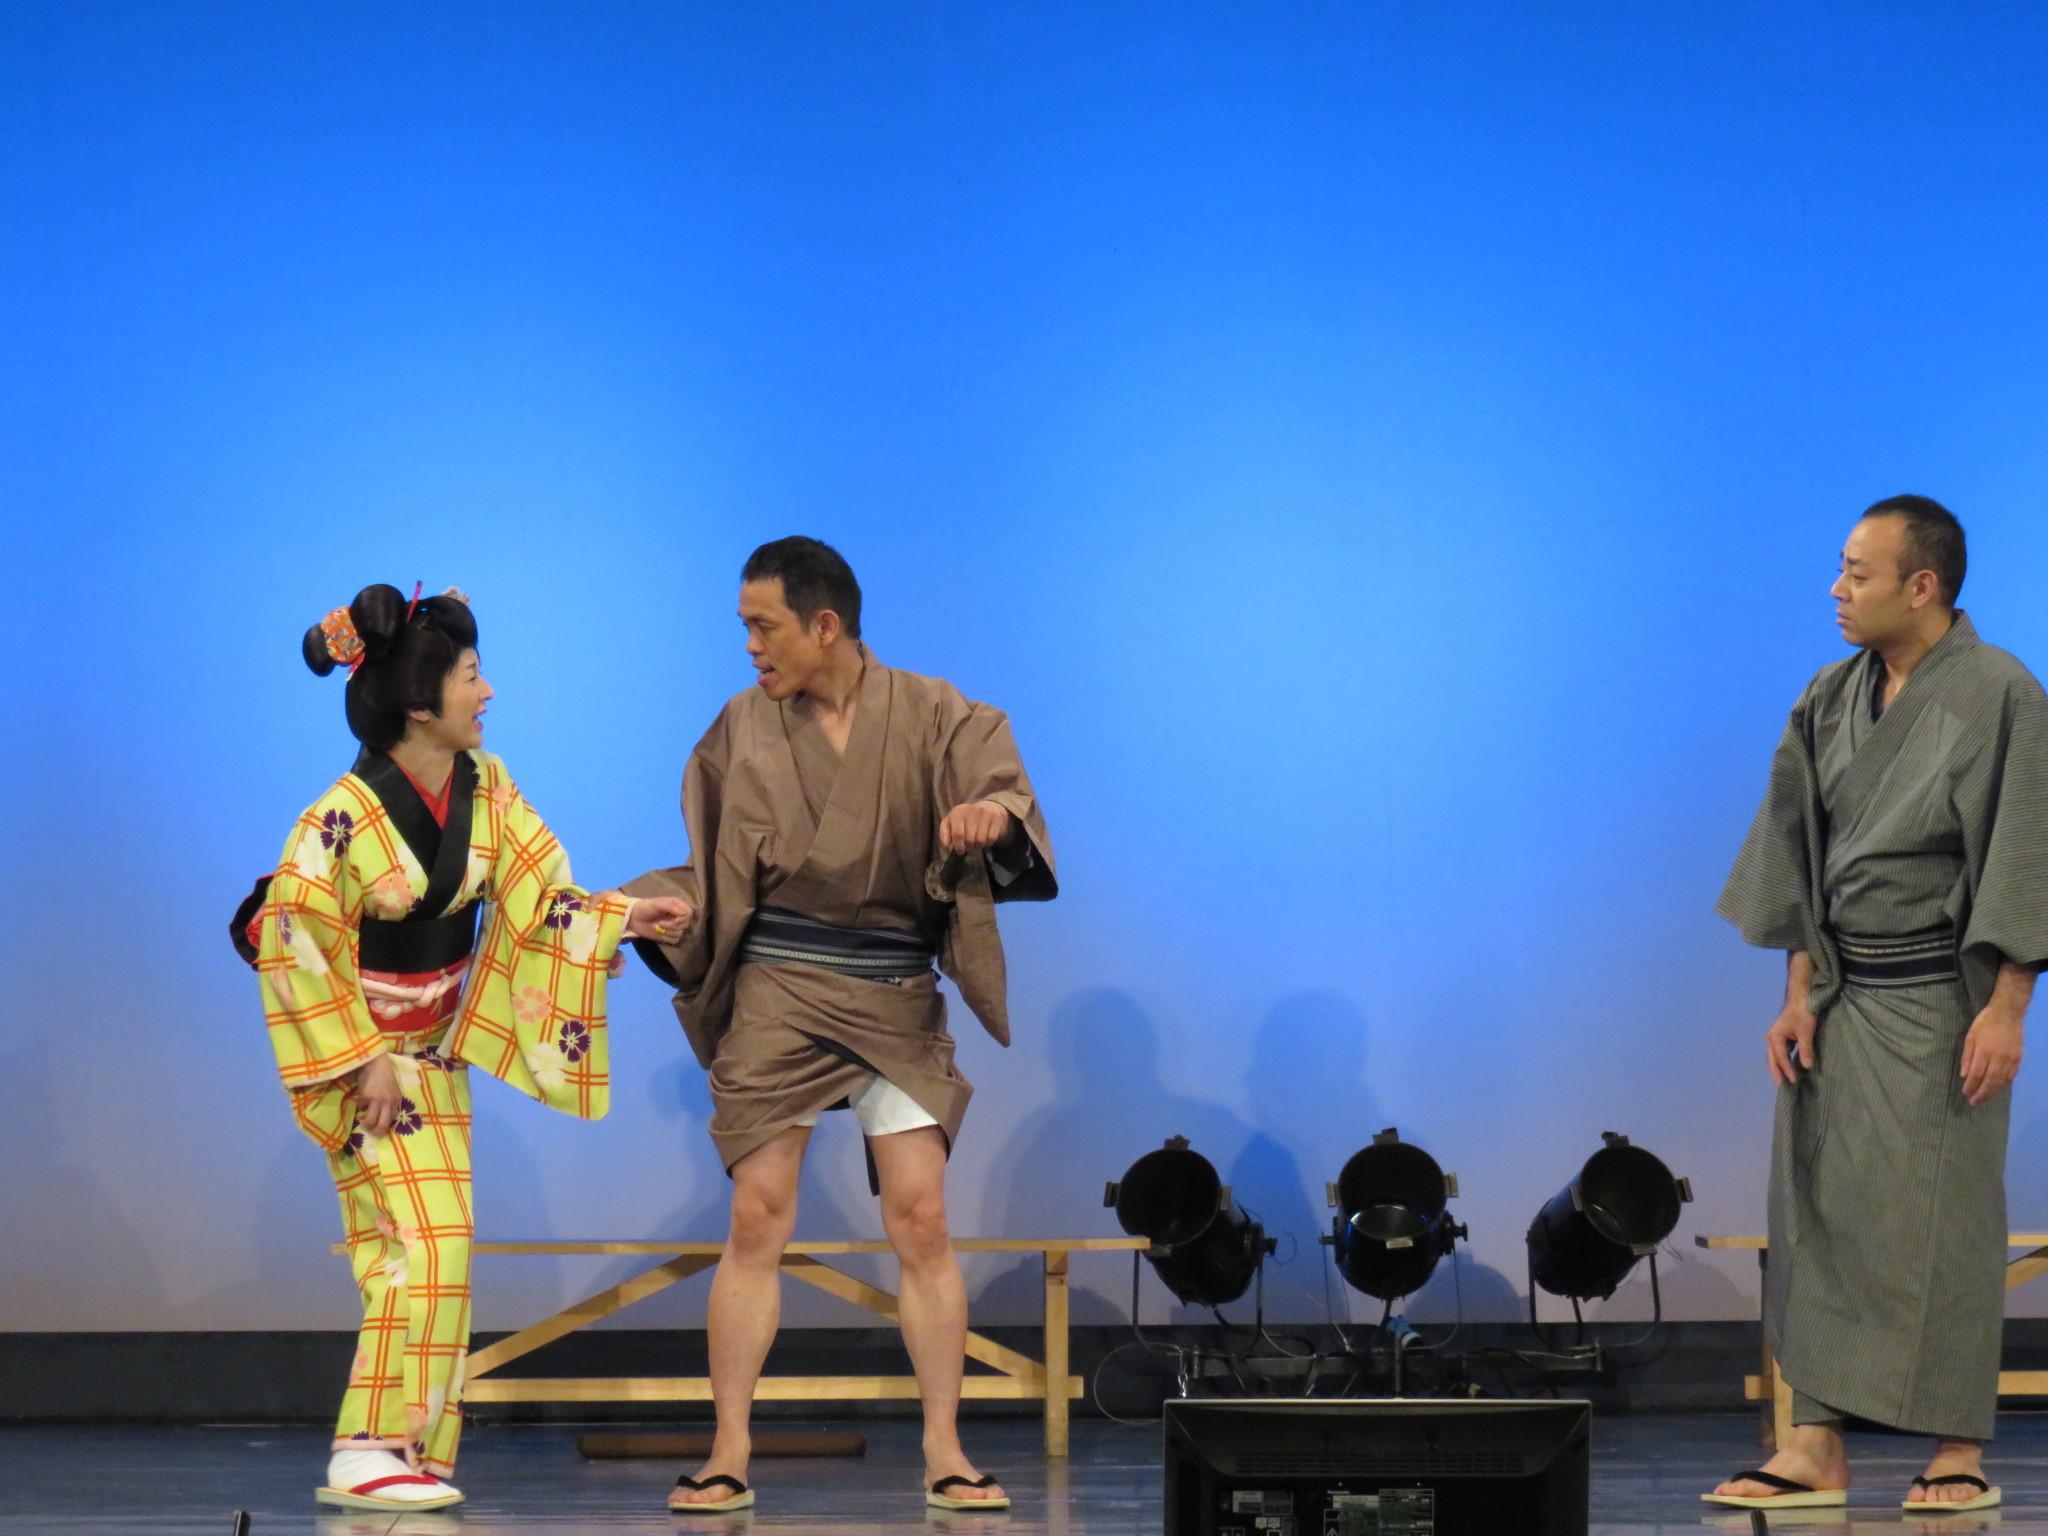 http://news.yoshimoto.co.jp/photos/uncategorized/2015/05/31/20150531135800-a7f70bfc77f4354215539ce697d5e9cd898f82ef.jpg